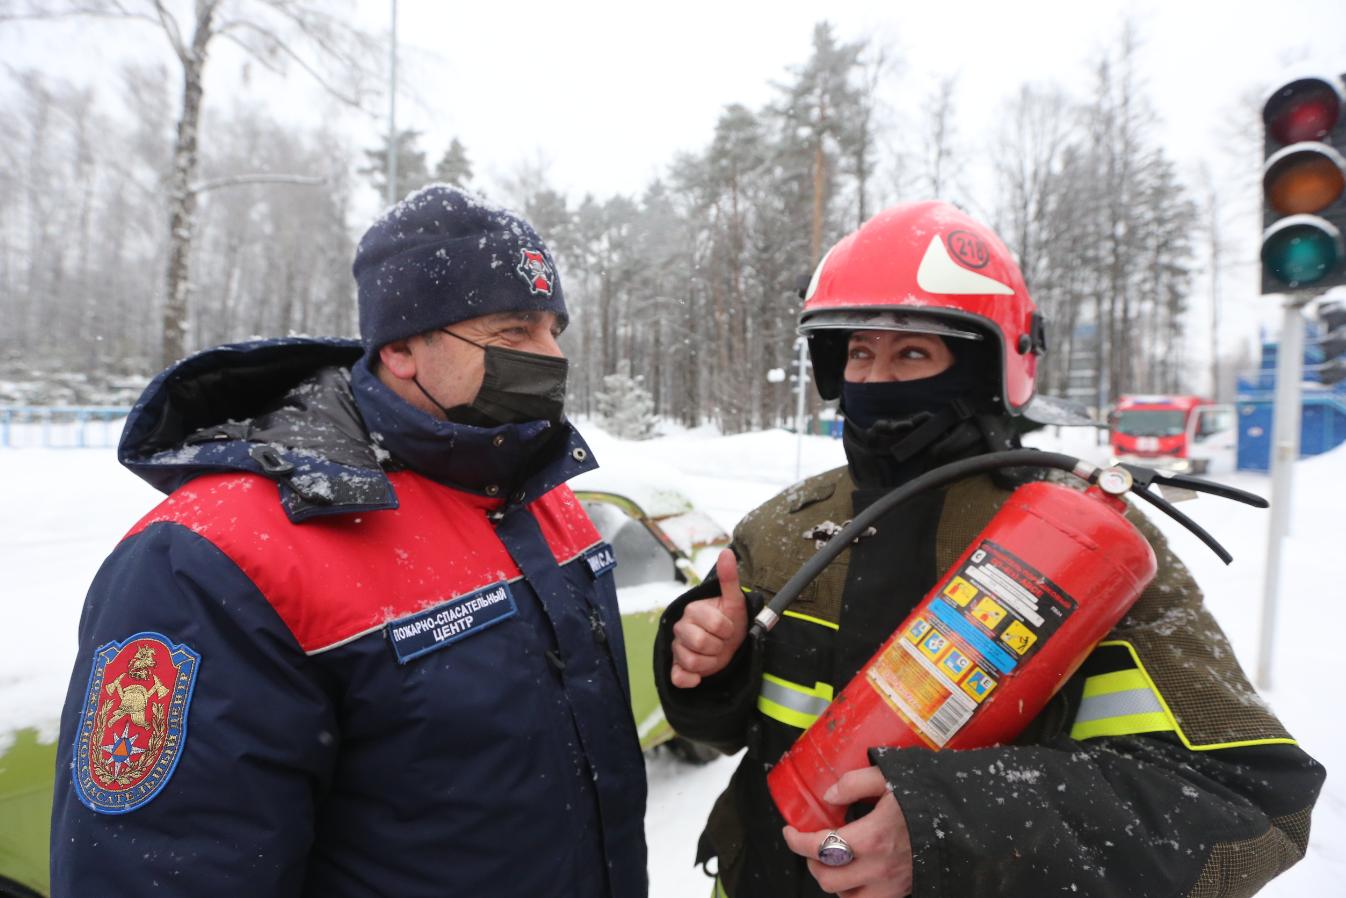 Мероприятия по профилактике предупреждения пожаров провели в городском округе Щербинка